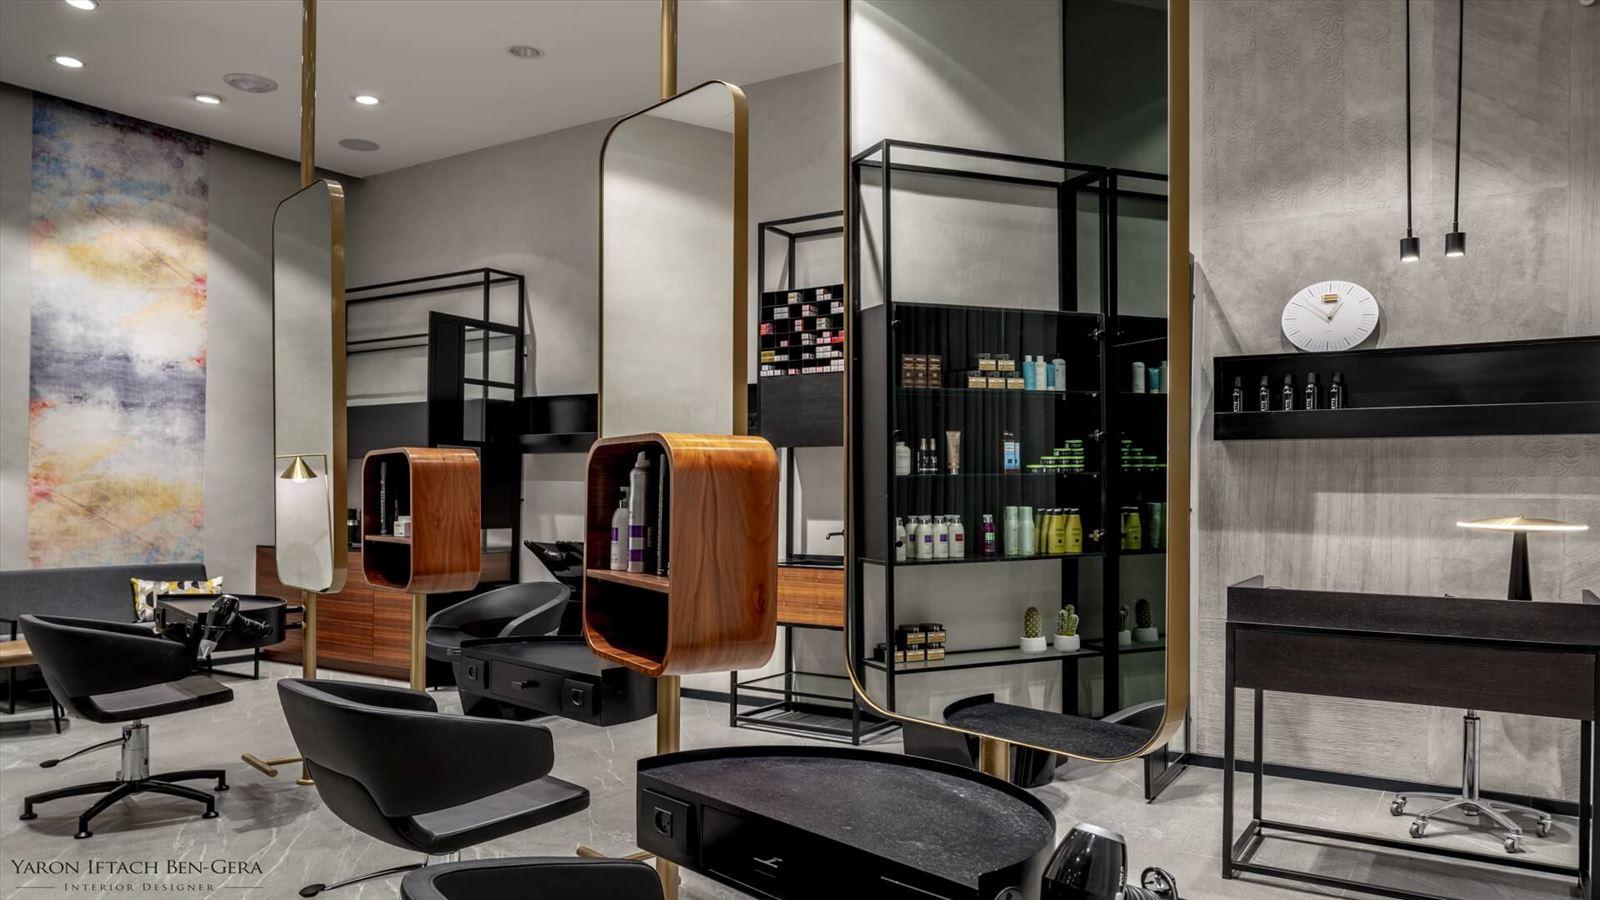 Boutique Hair Dressing Salon תכנון תאורה אדריכלית במספרה על ידי קמחי תאורה